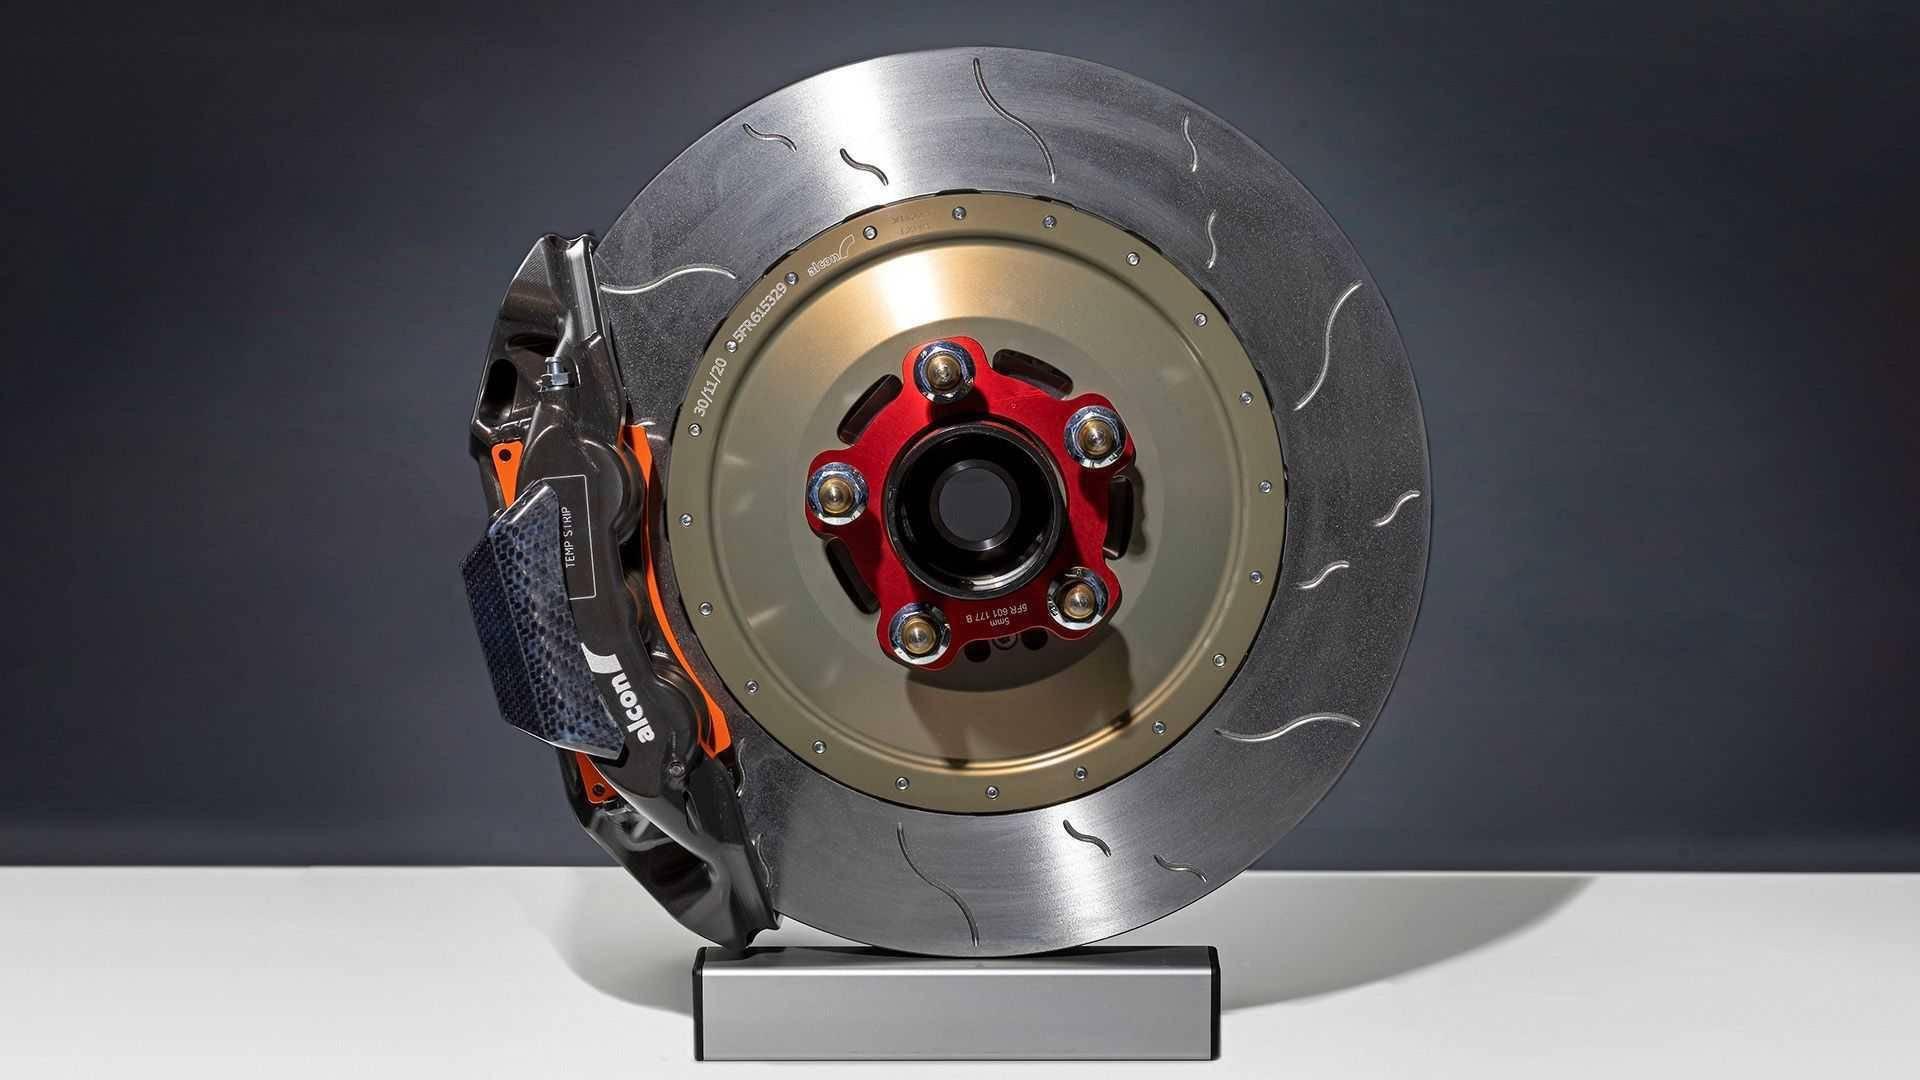 奥迪全新RS3 LMS赛车解析 340匹420牛米底盘调教更简单